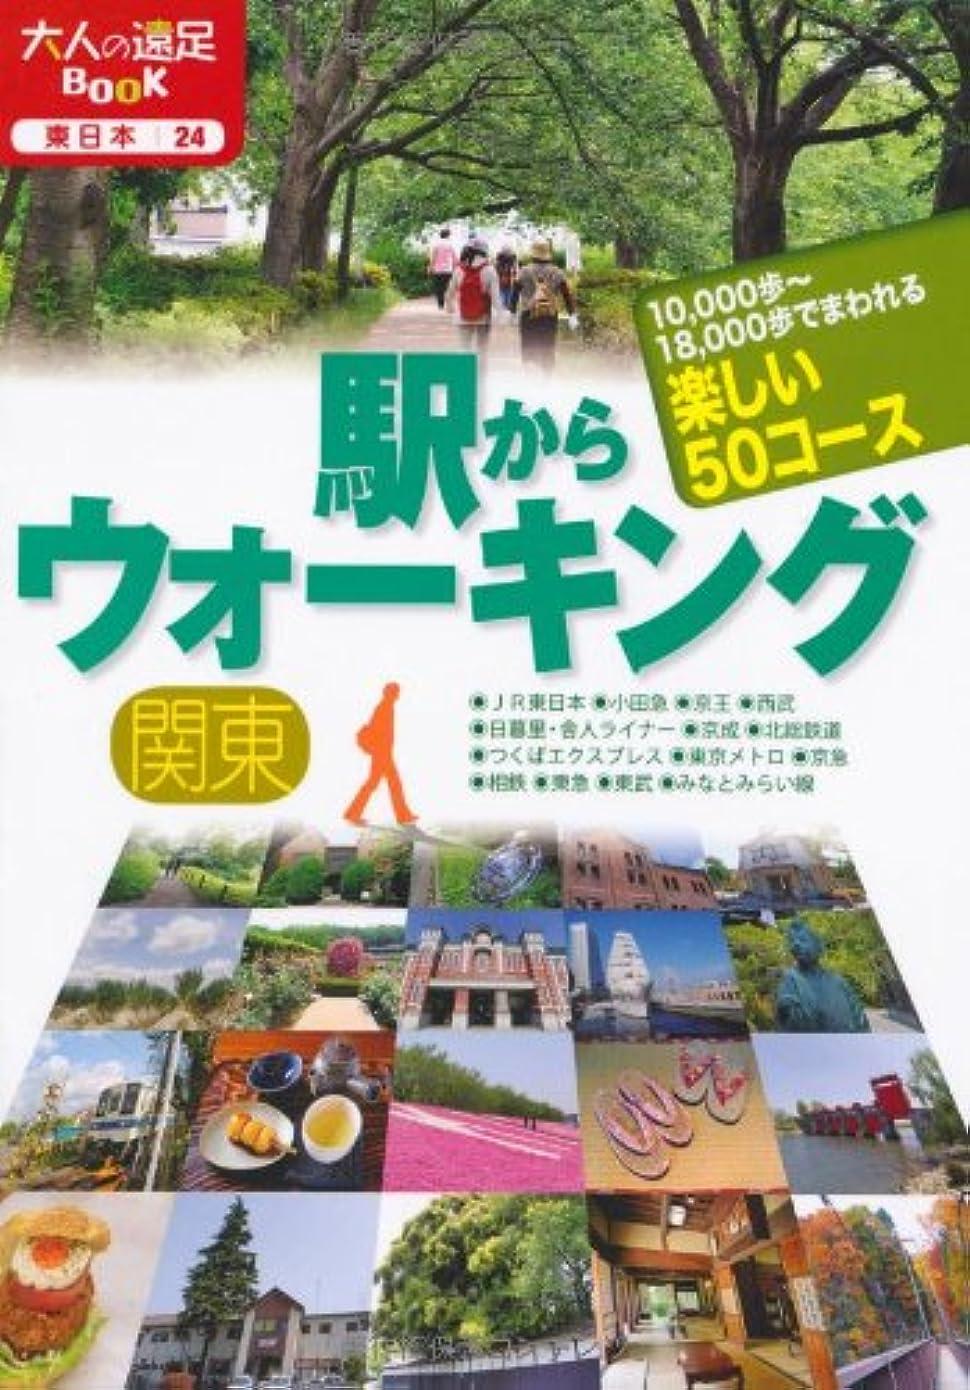 楽なひねりボス駅からウォーキング 関東 (大人の遠足BOOK)